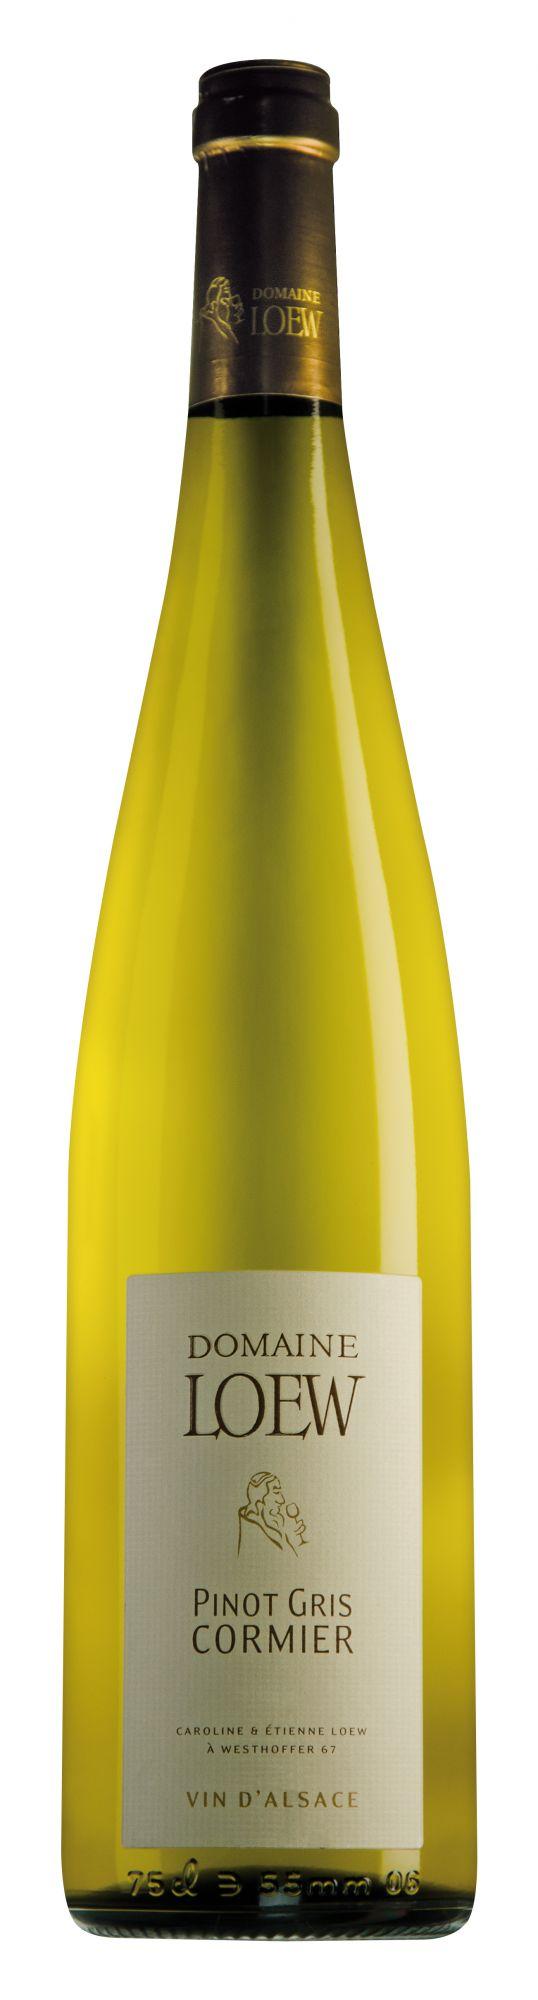 Domaine Loew Elzas Cormier Pinot Gris